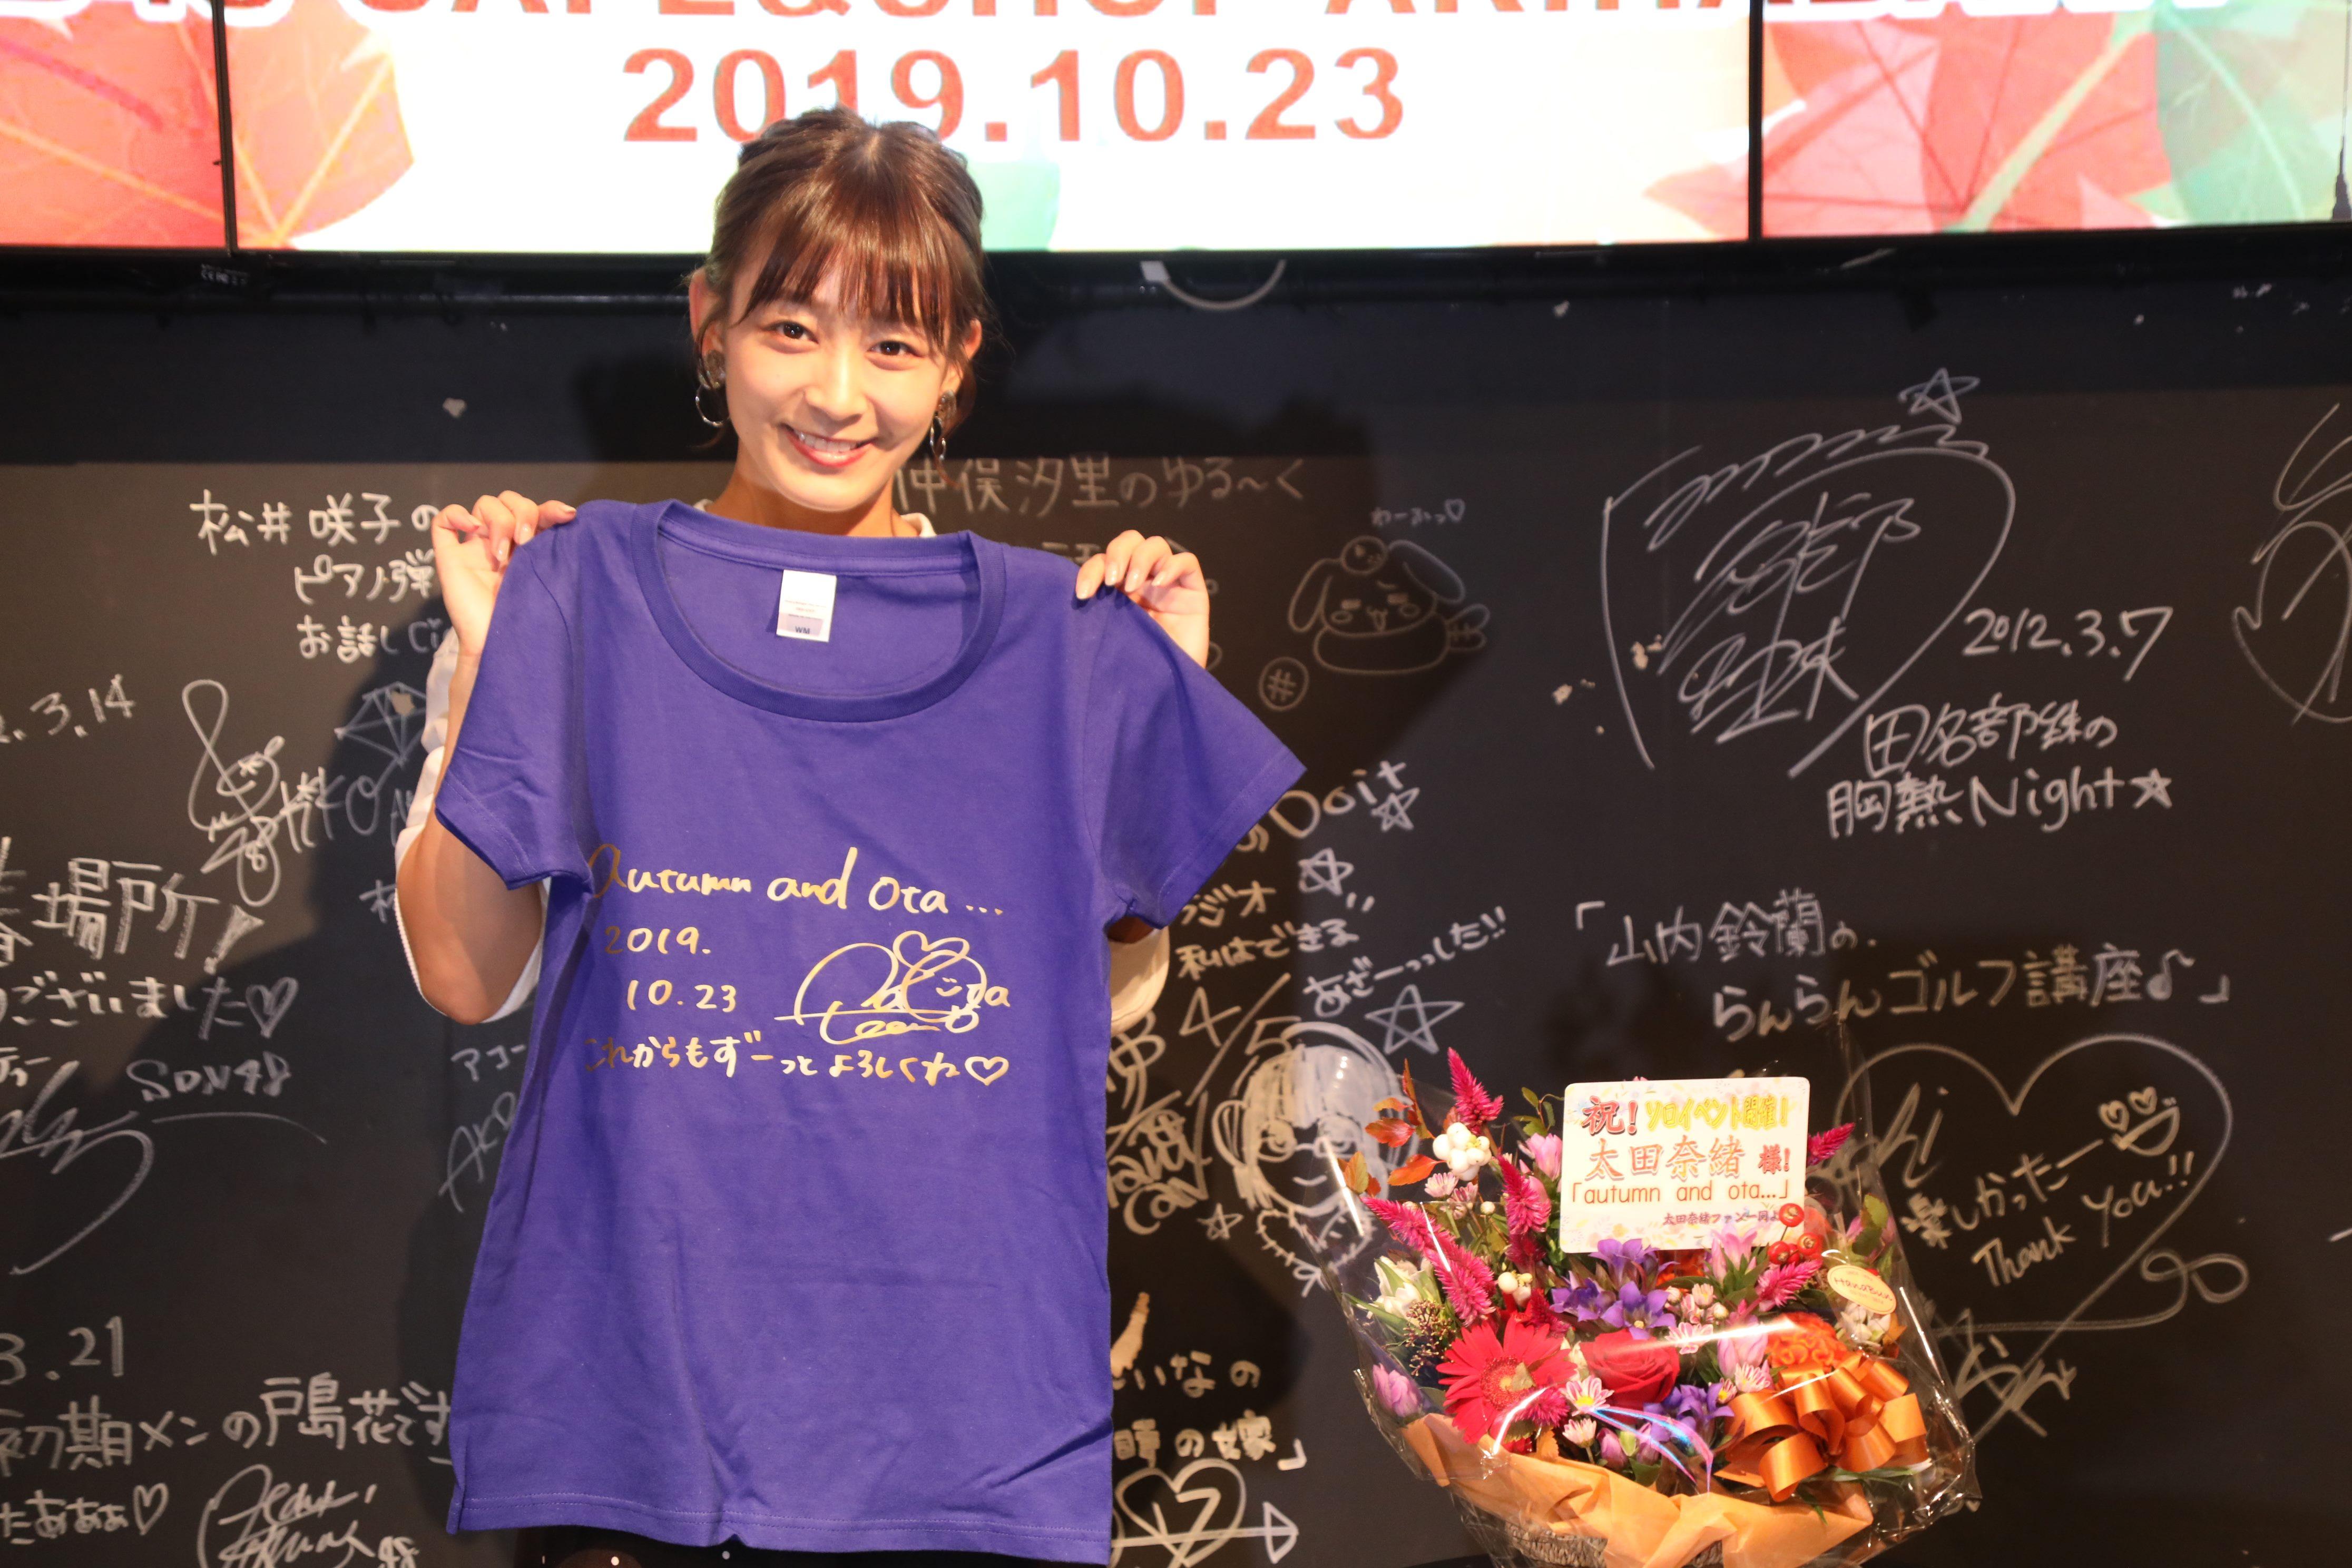 イベント終了後にイベントオリジナルTシャツを手にする太田奈緒